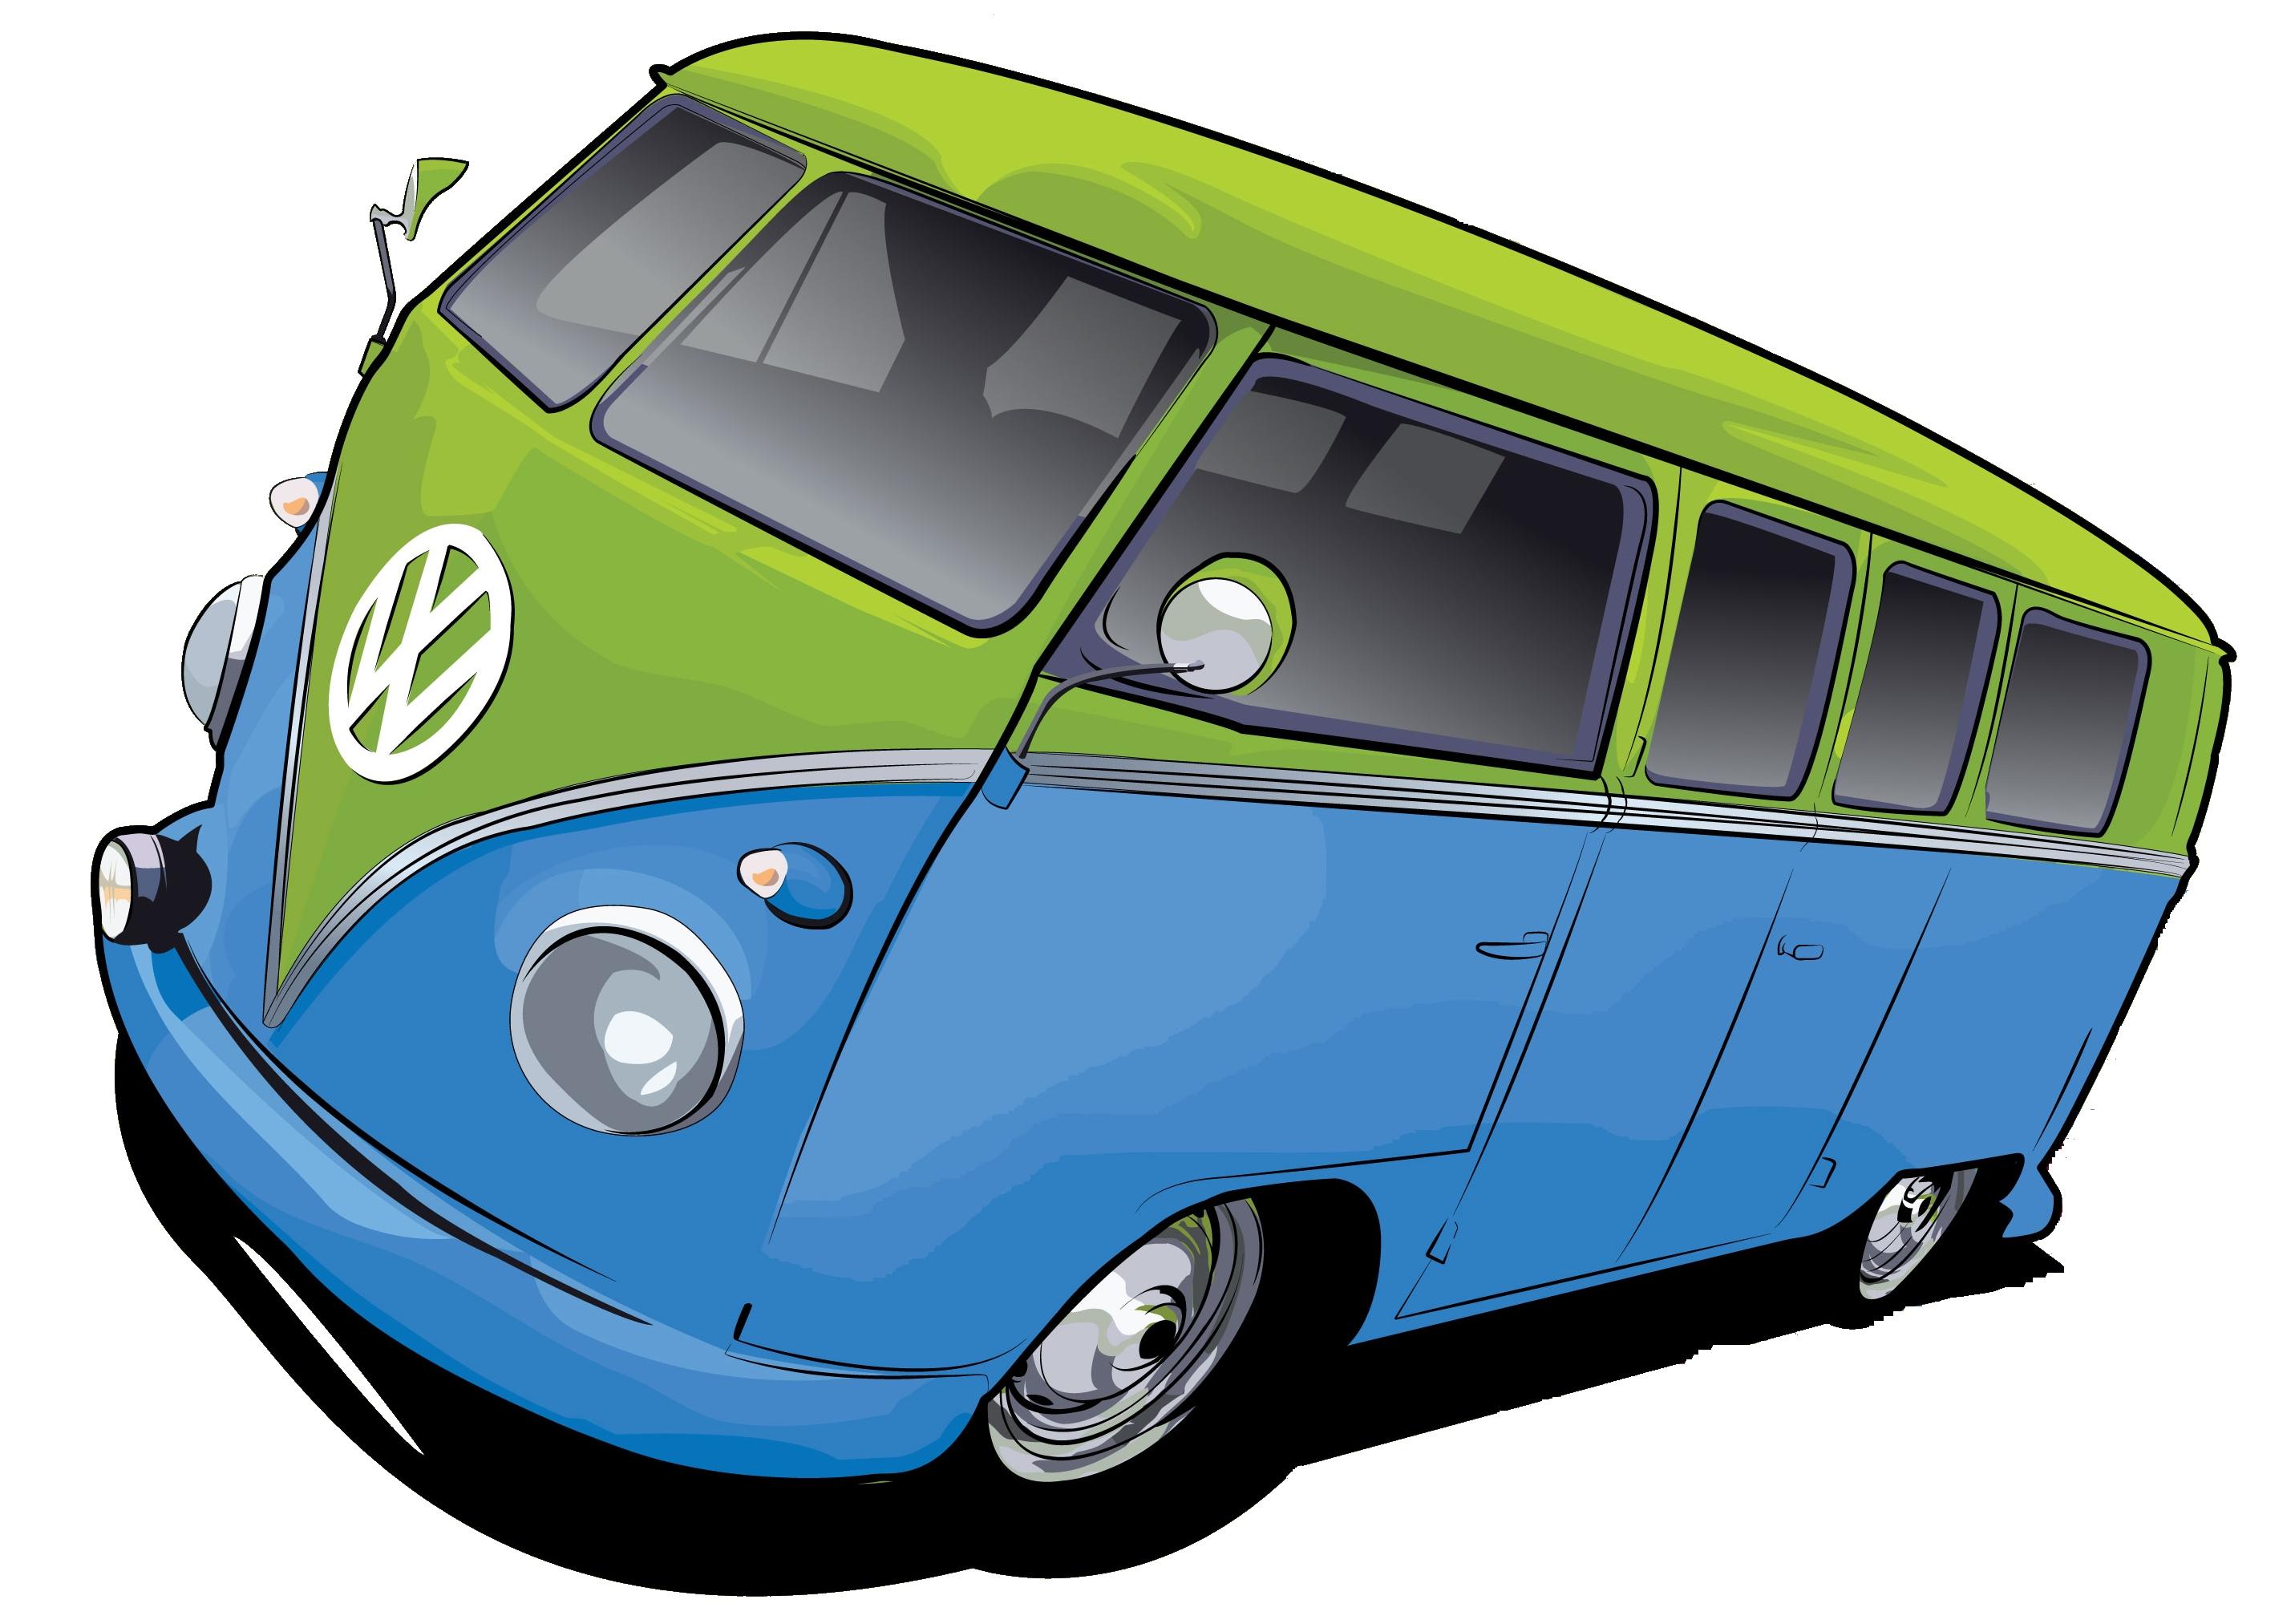 vw bus clipart clipart suggest vw bus clip art sunflower vw bus clipart free